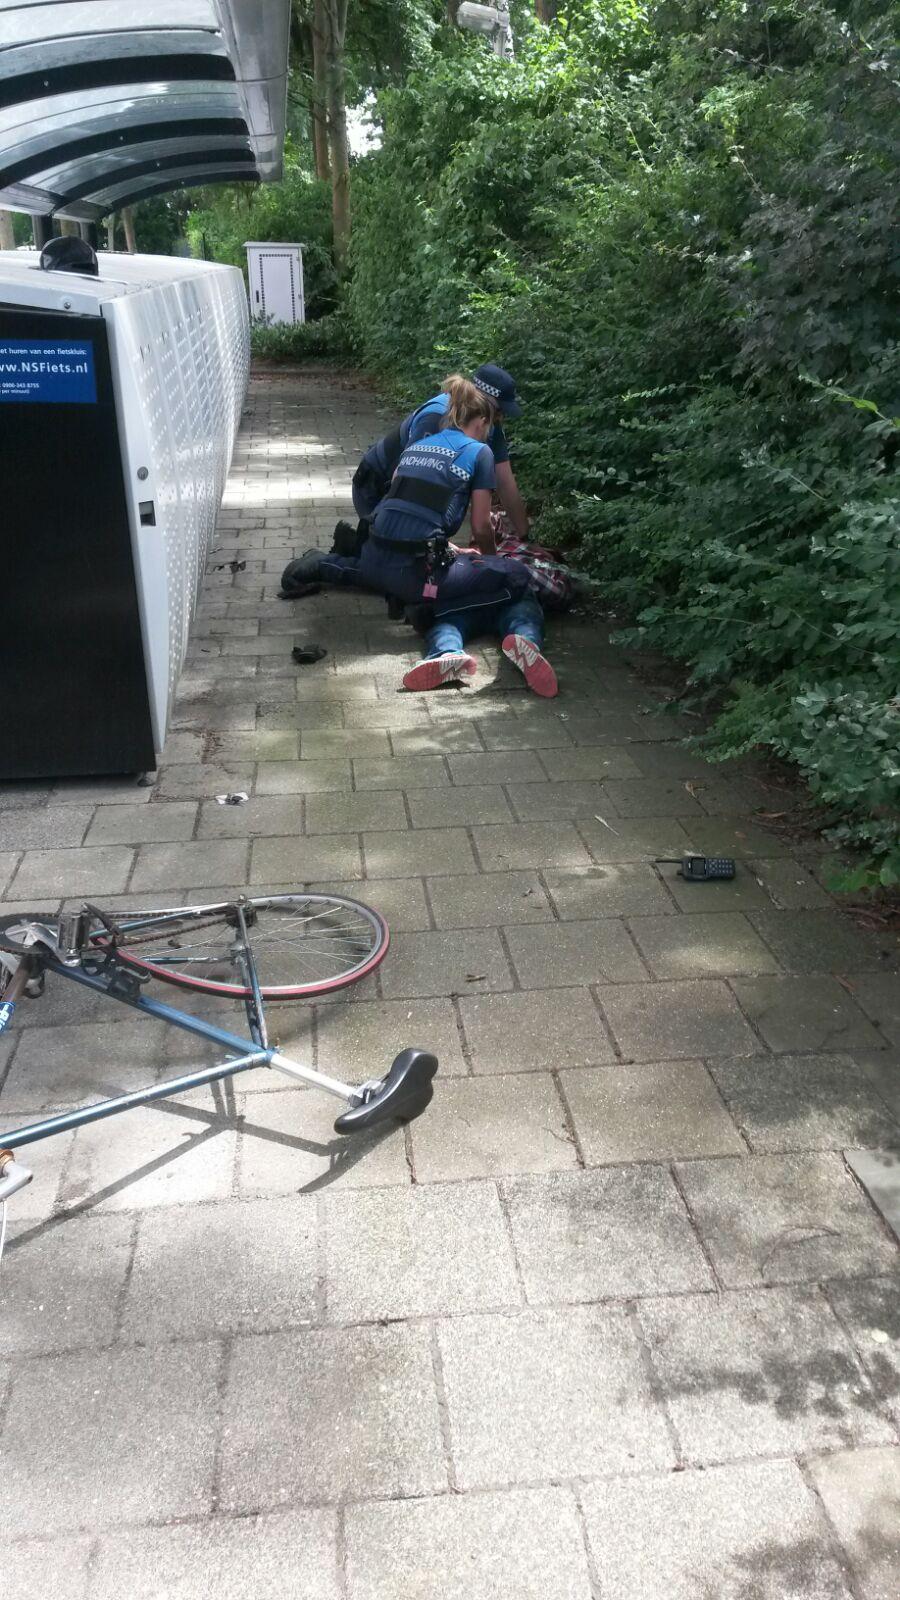 Handhaver in gezicht geslagen bij staande houding Stationsplein Capelle aan den IJssel